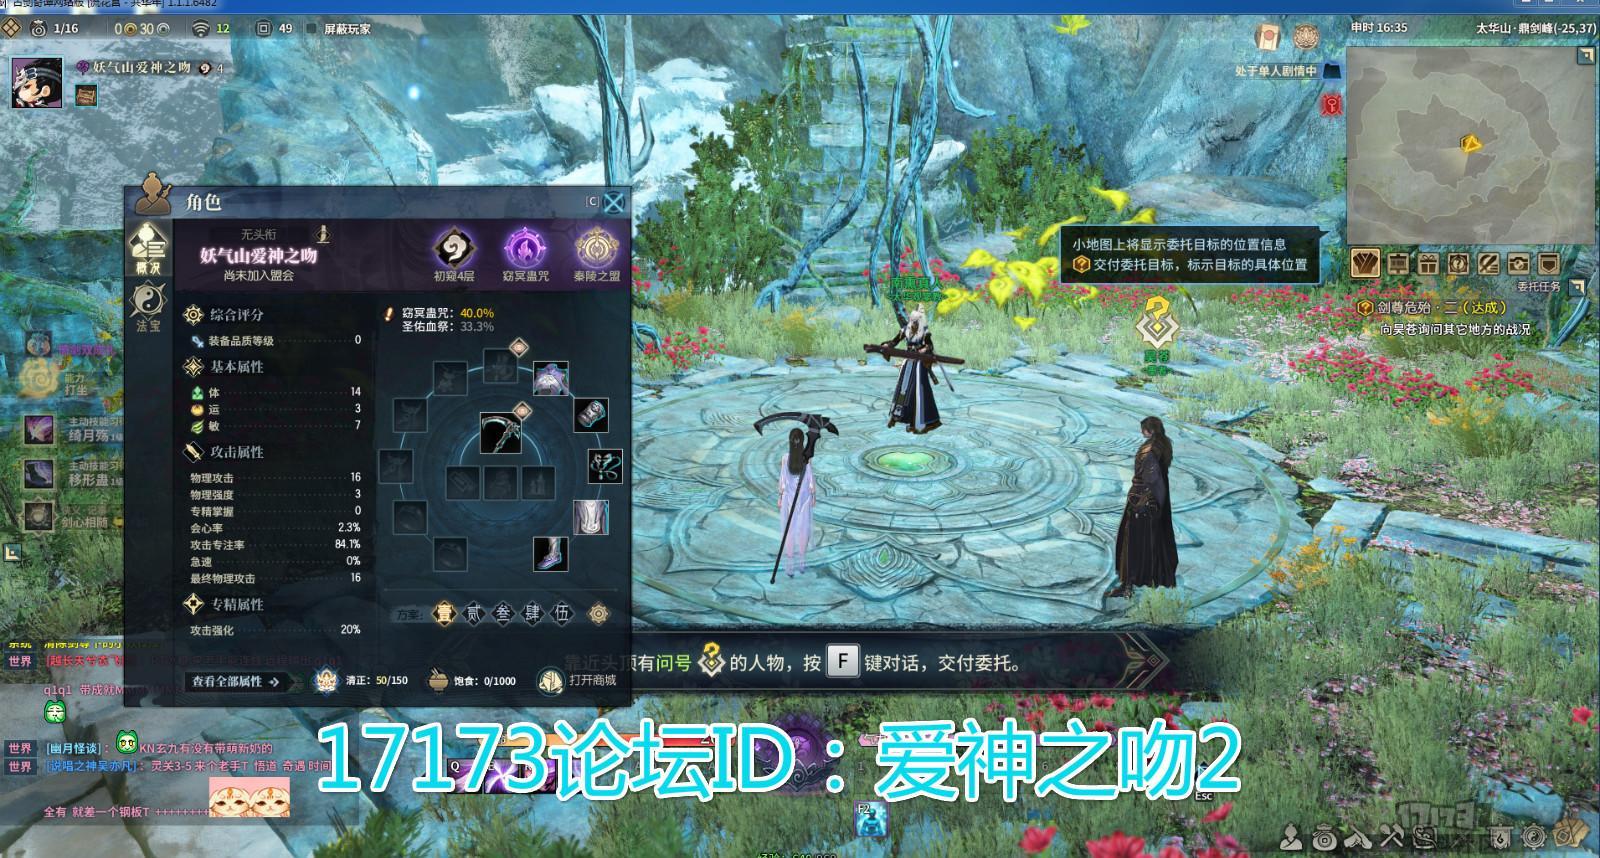 古剑1_meitu_3.jpg